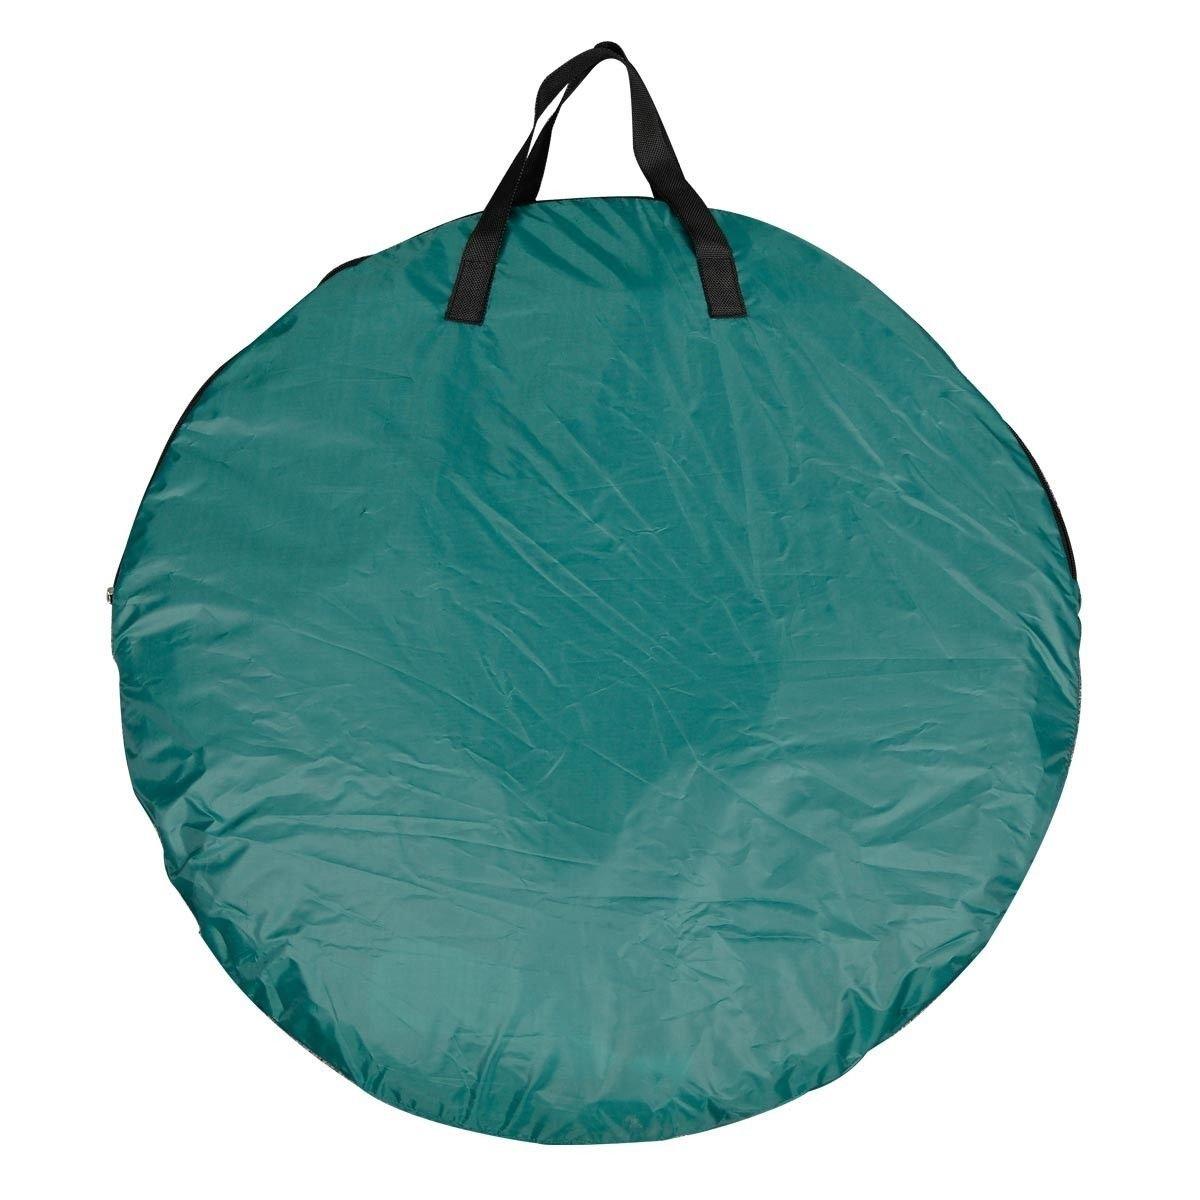 Generic NV_1008000885_YC-US2 GreenFis Toilet Changing Bathi Portable Pop ilet Tent Camping ing T UP Fishing & Bathing ampin Room Green Portabl by Generic (Image #4)